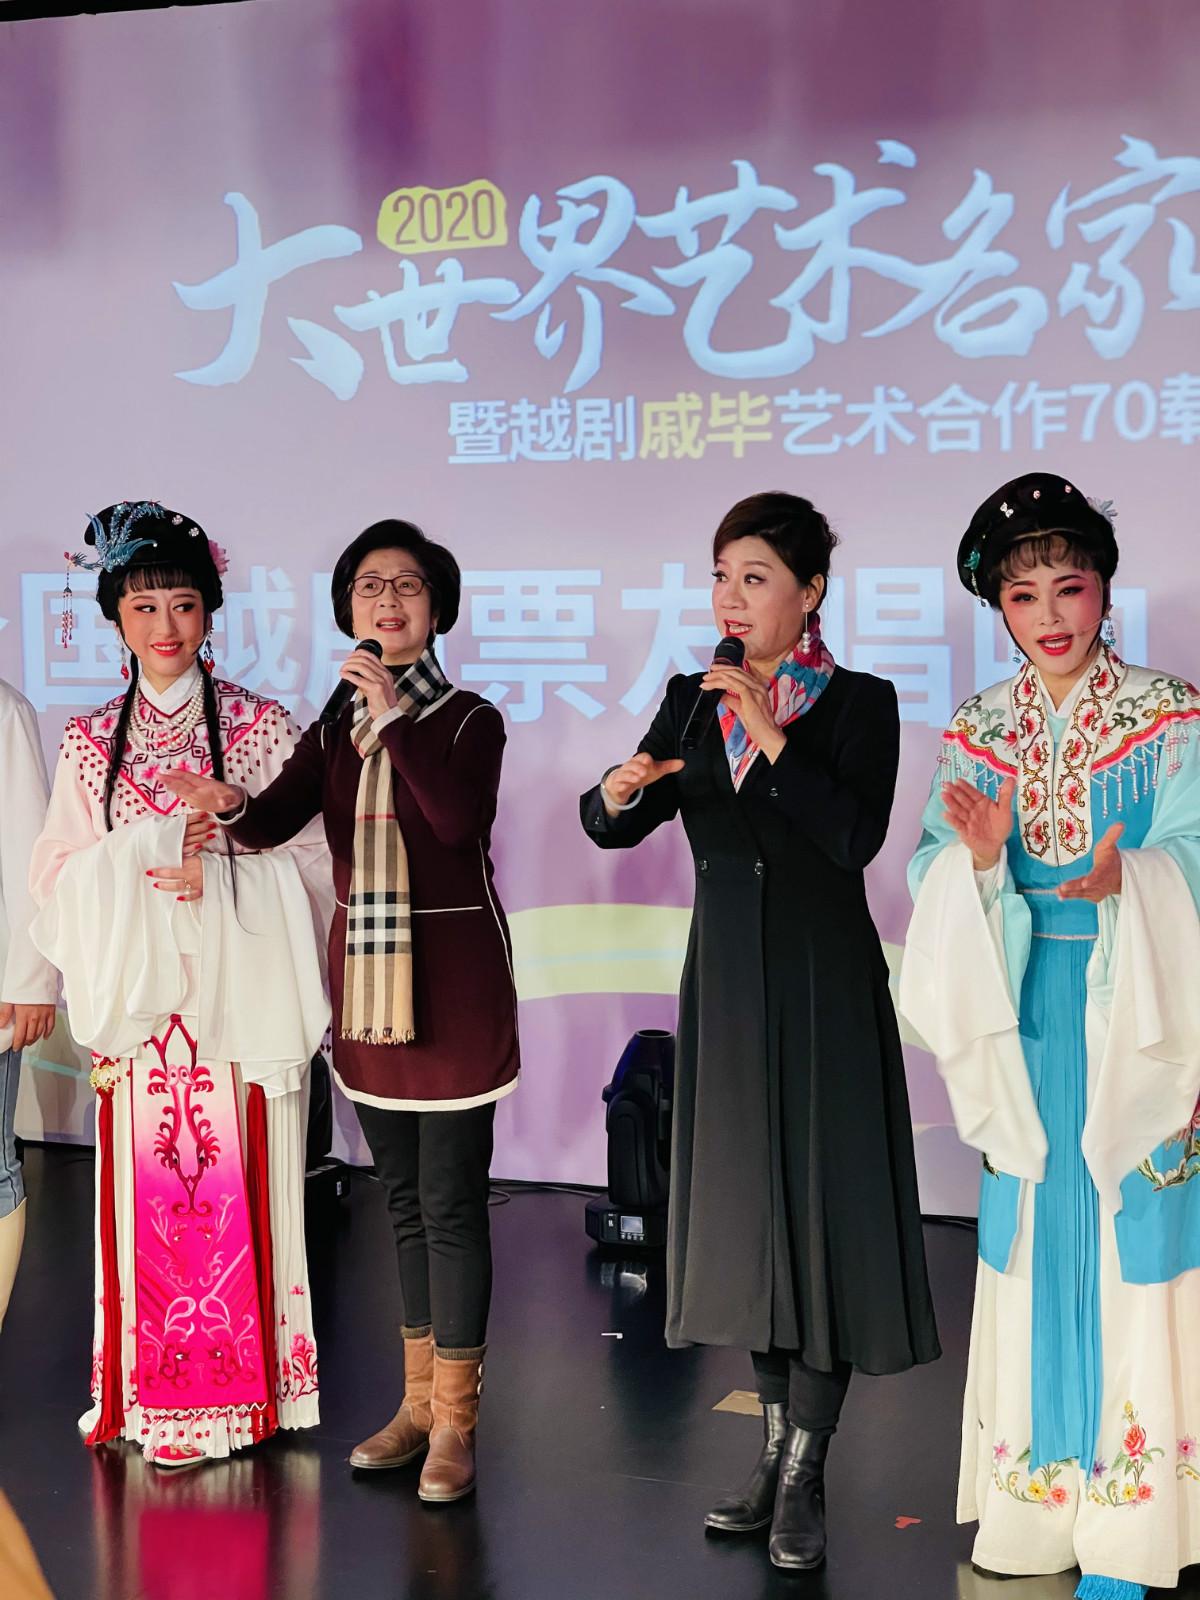 戚雅仙、毕春芳艺术配相符七十周年恭喜博场